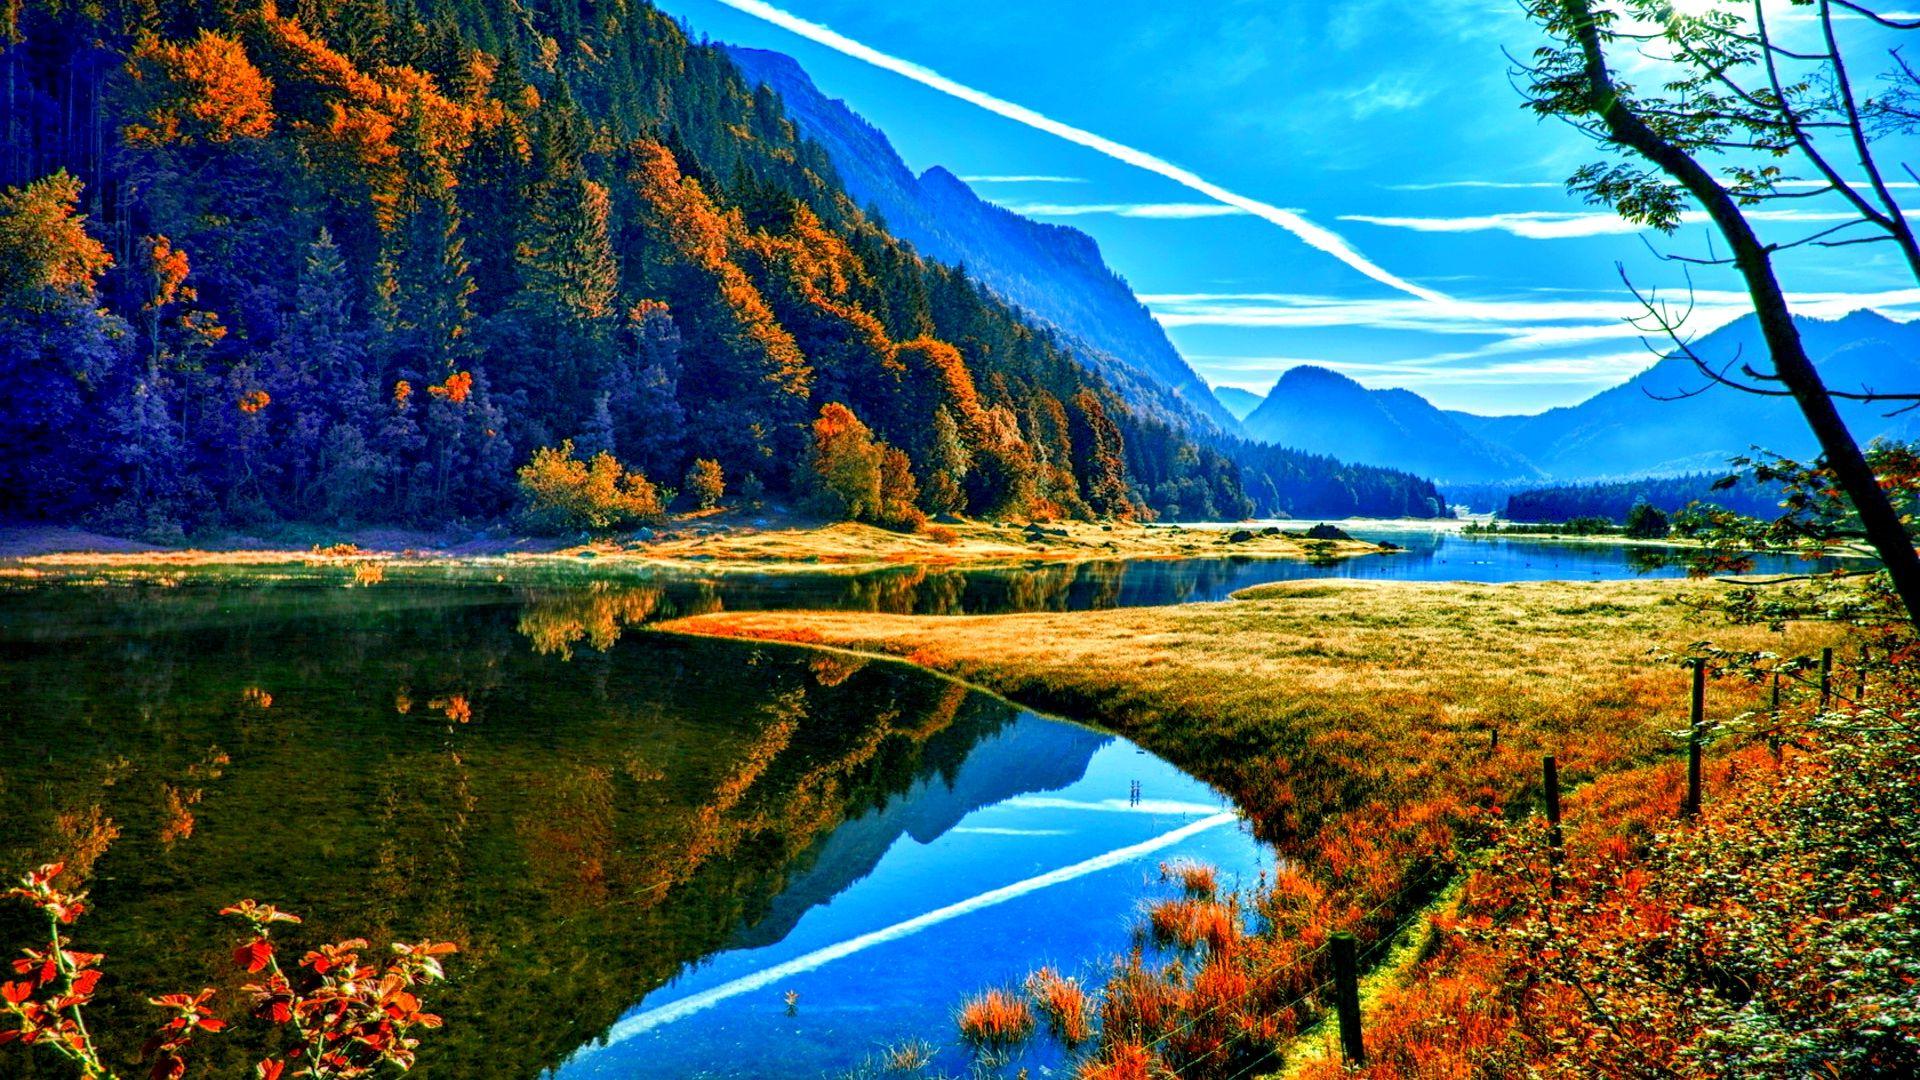 Desktop Hintergrund Natur Hd